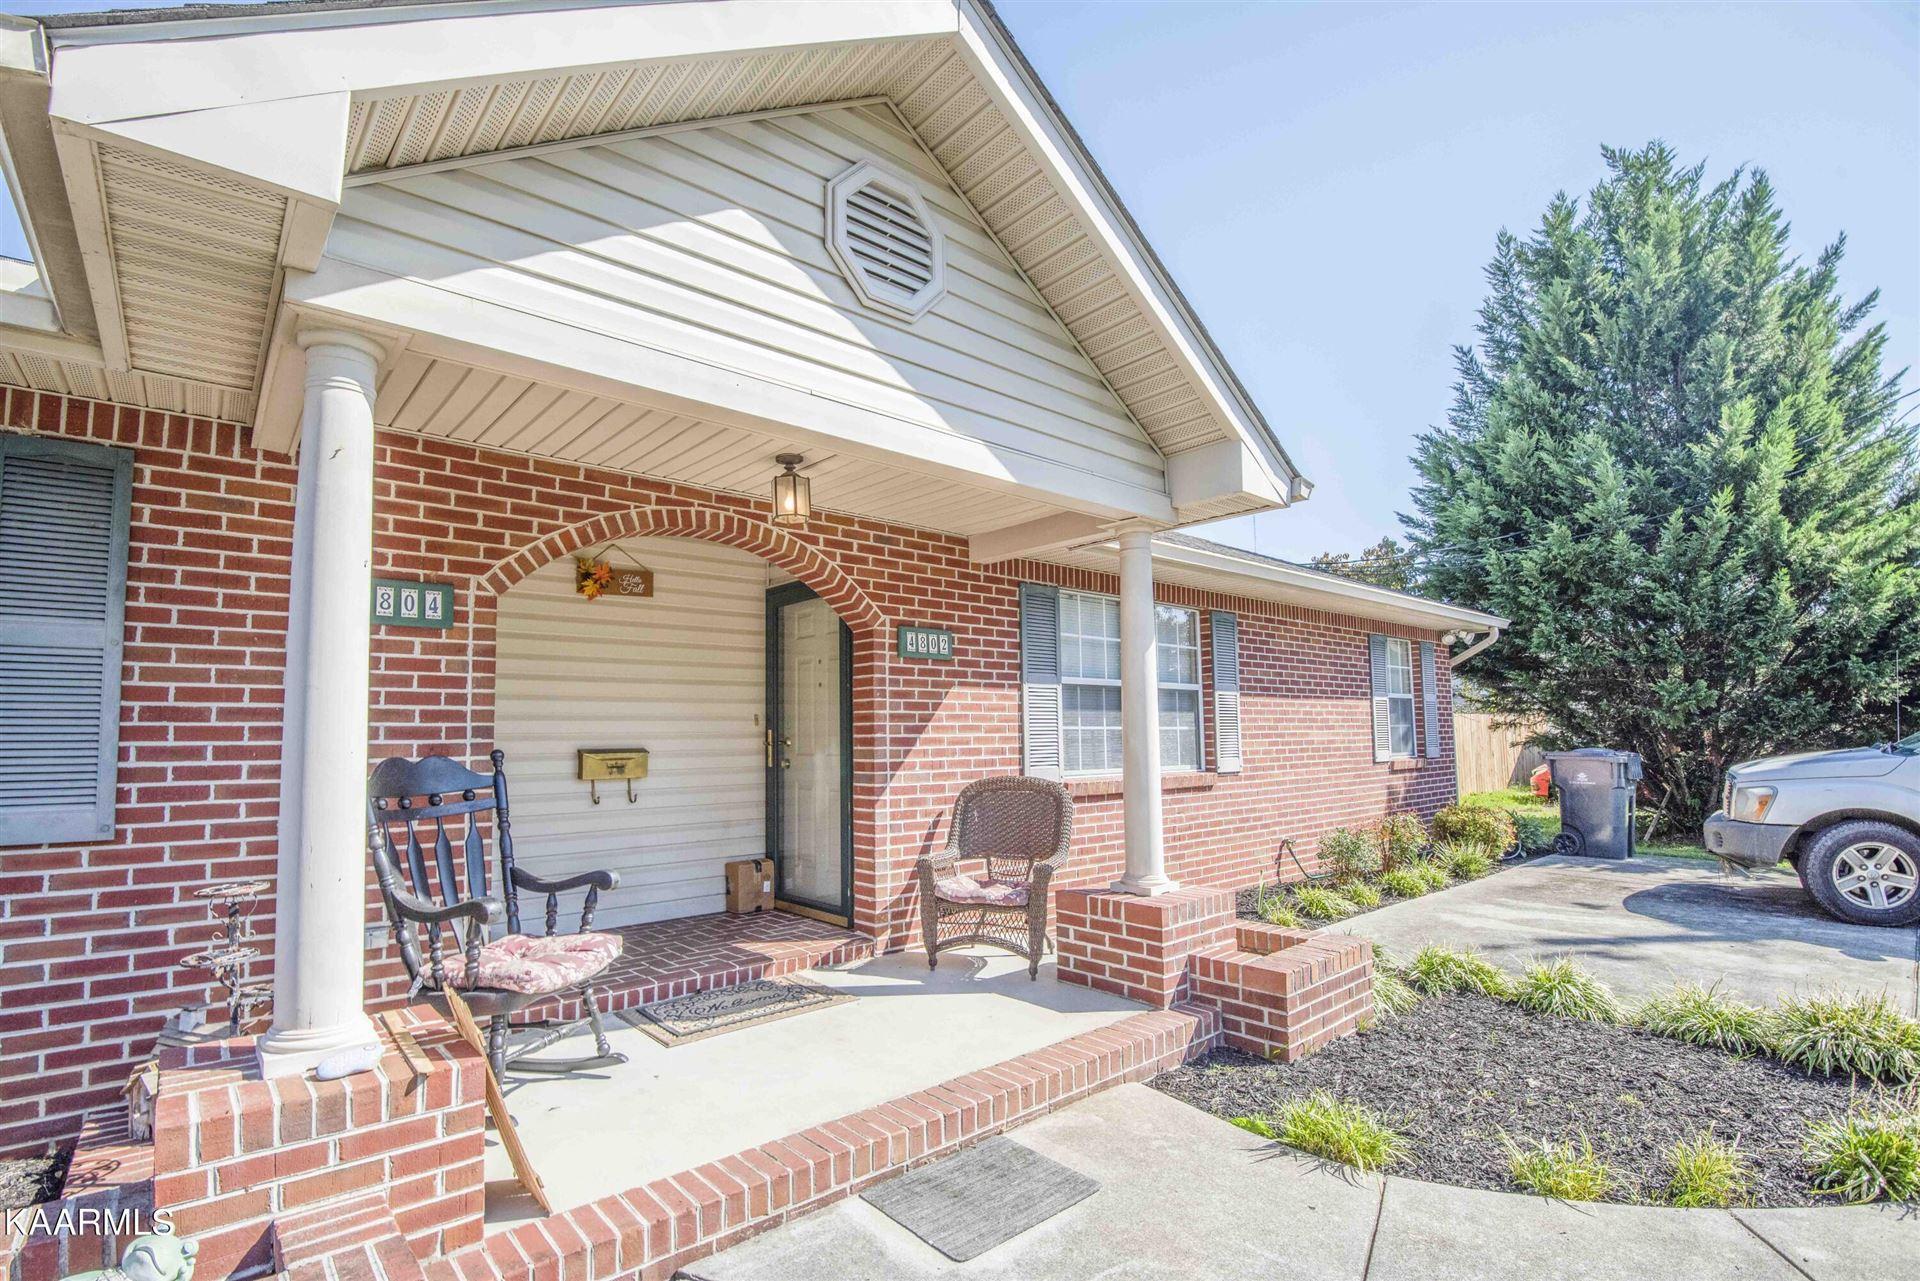 Photo of 4804 Rowan Rd, Knoxville, TN 37912 (MLS # 1171672)